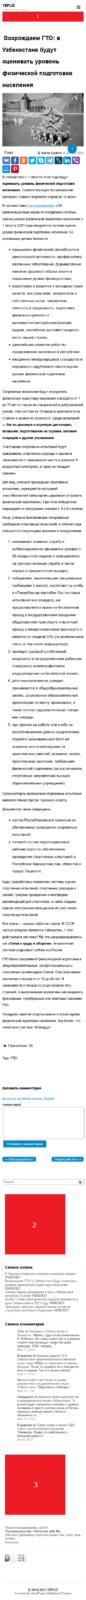 Скриншот статьи на смартфоне с рекламными баннерами